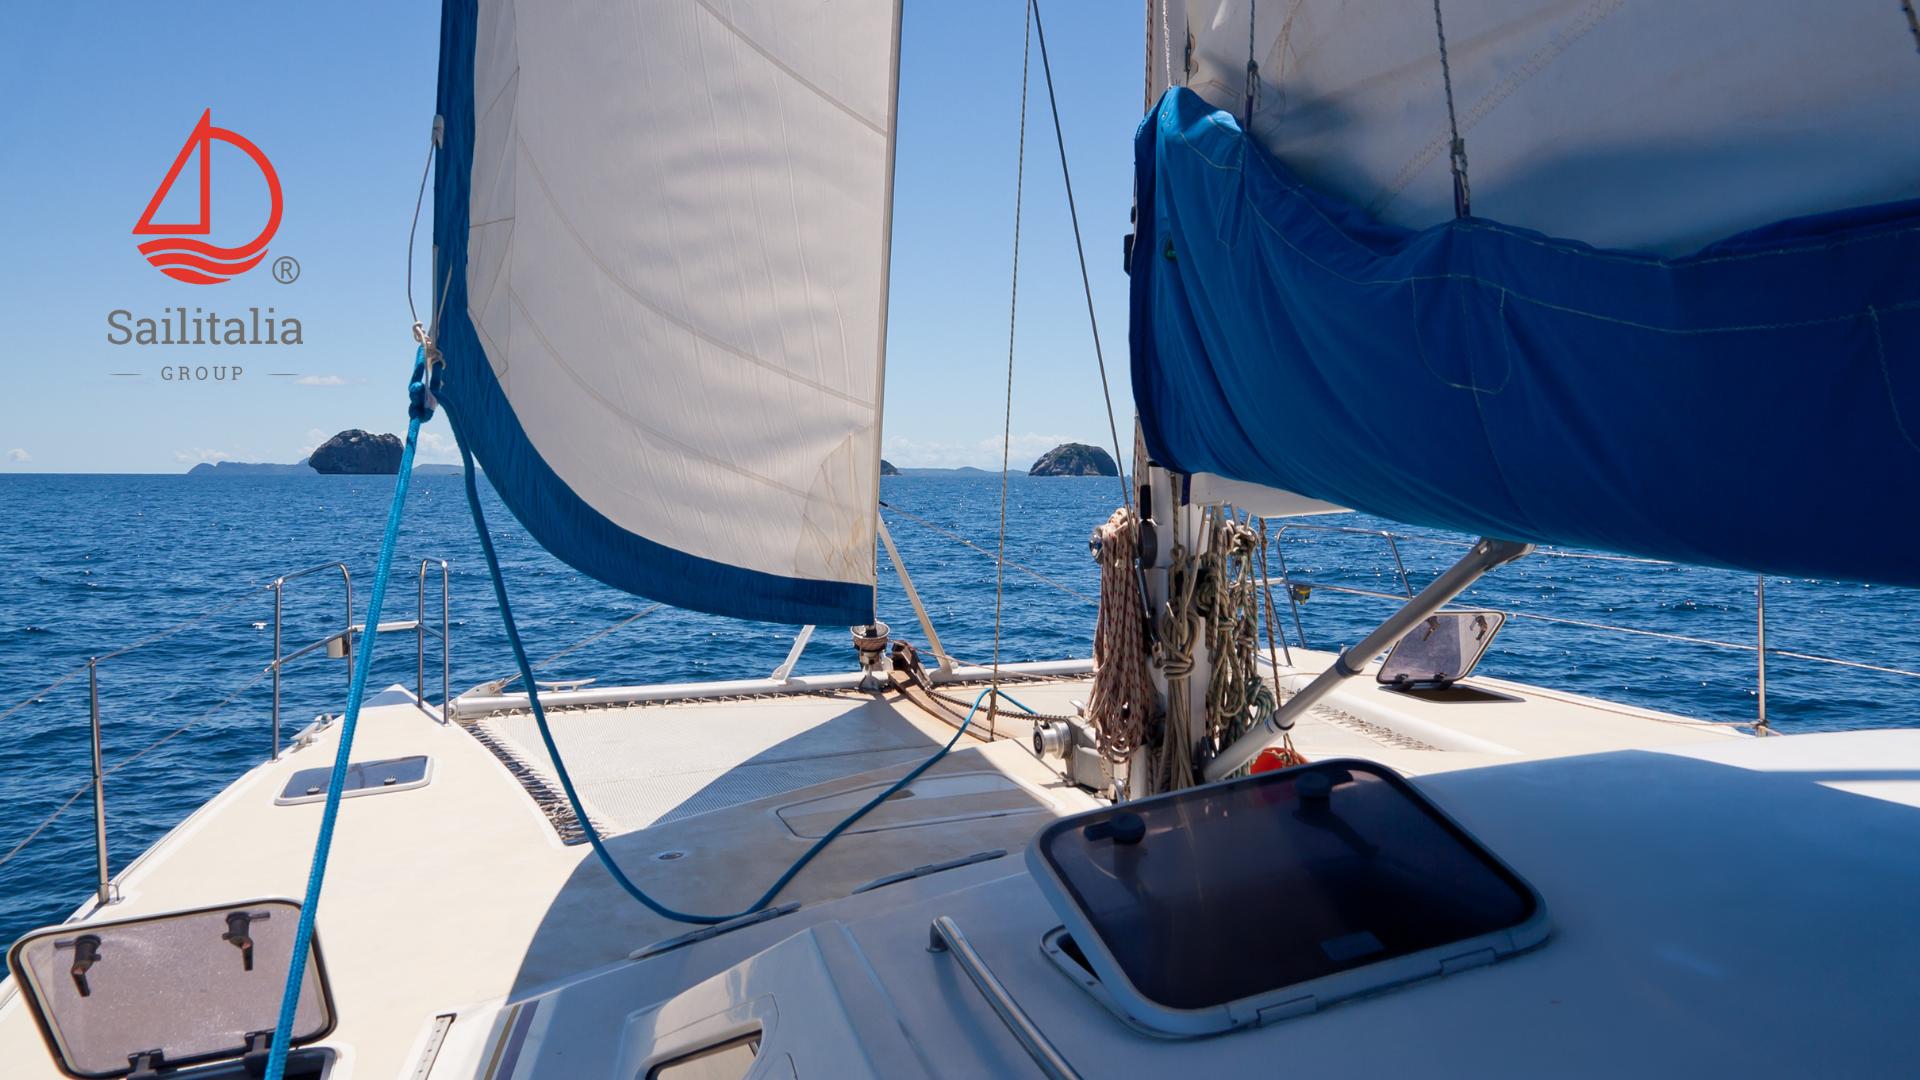 Catamarano Sail Italia